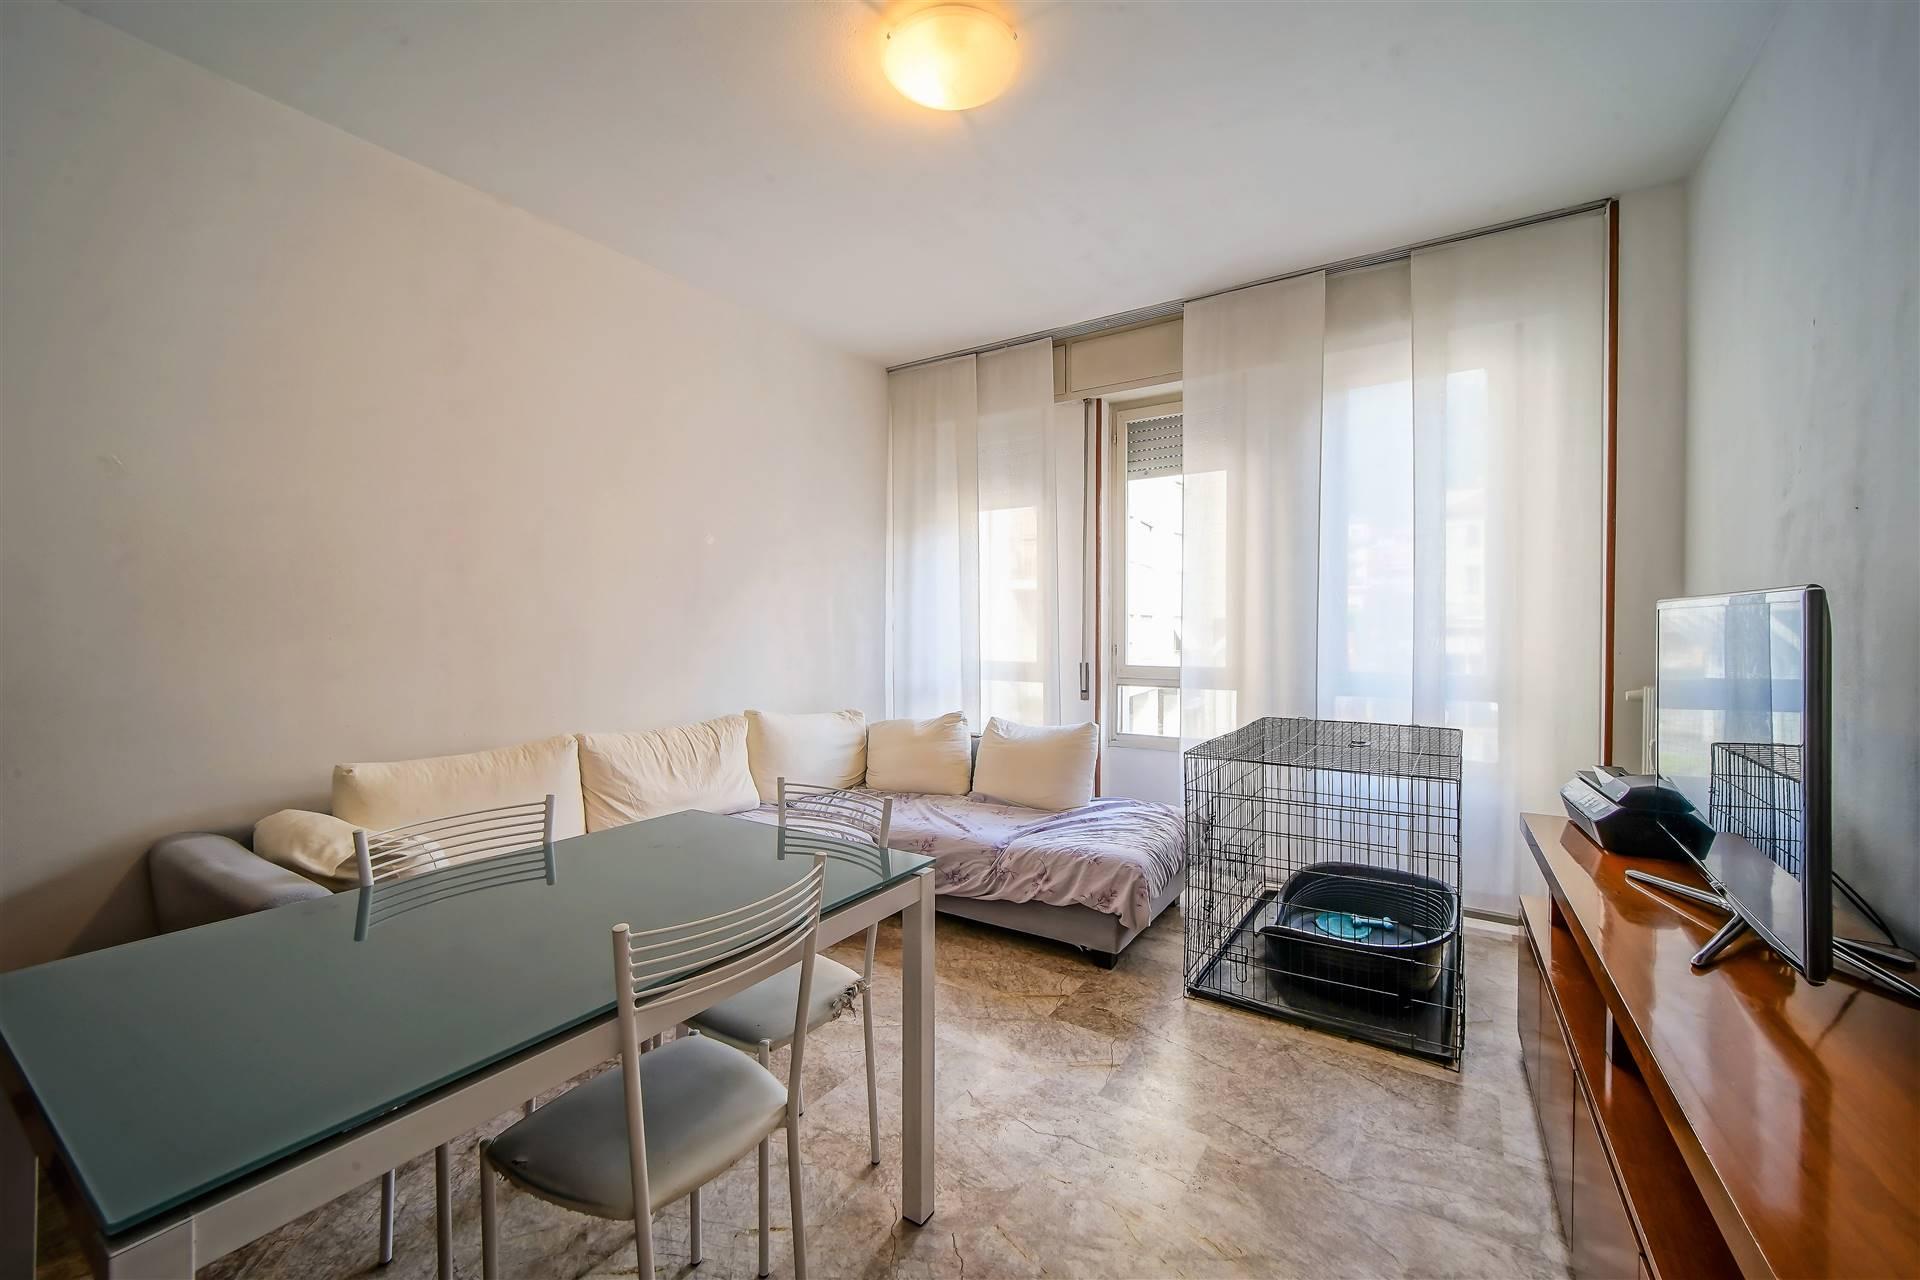 Appartamento in vendita a Calolziocorte, 3 locali, prezzo € 92.000 | CambioCasa.it